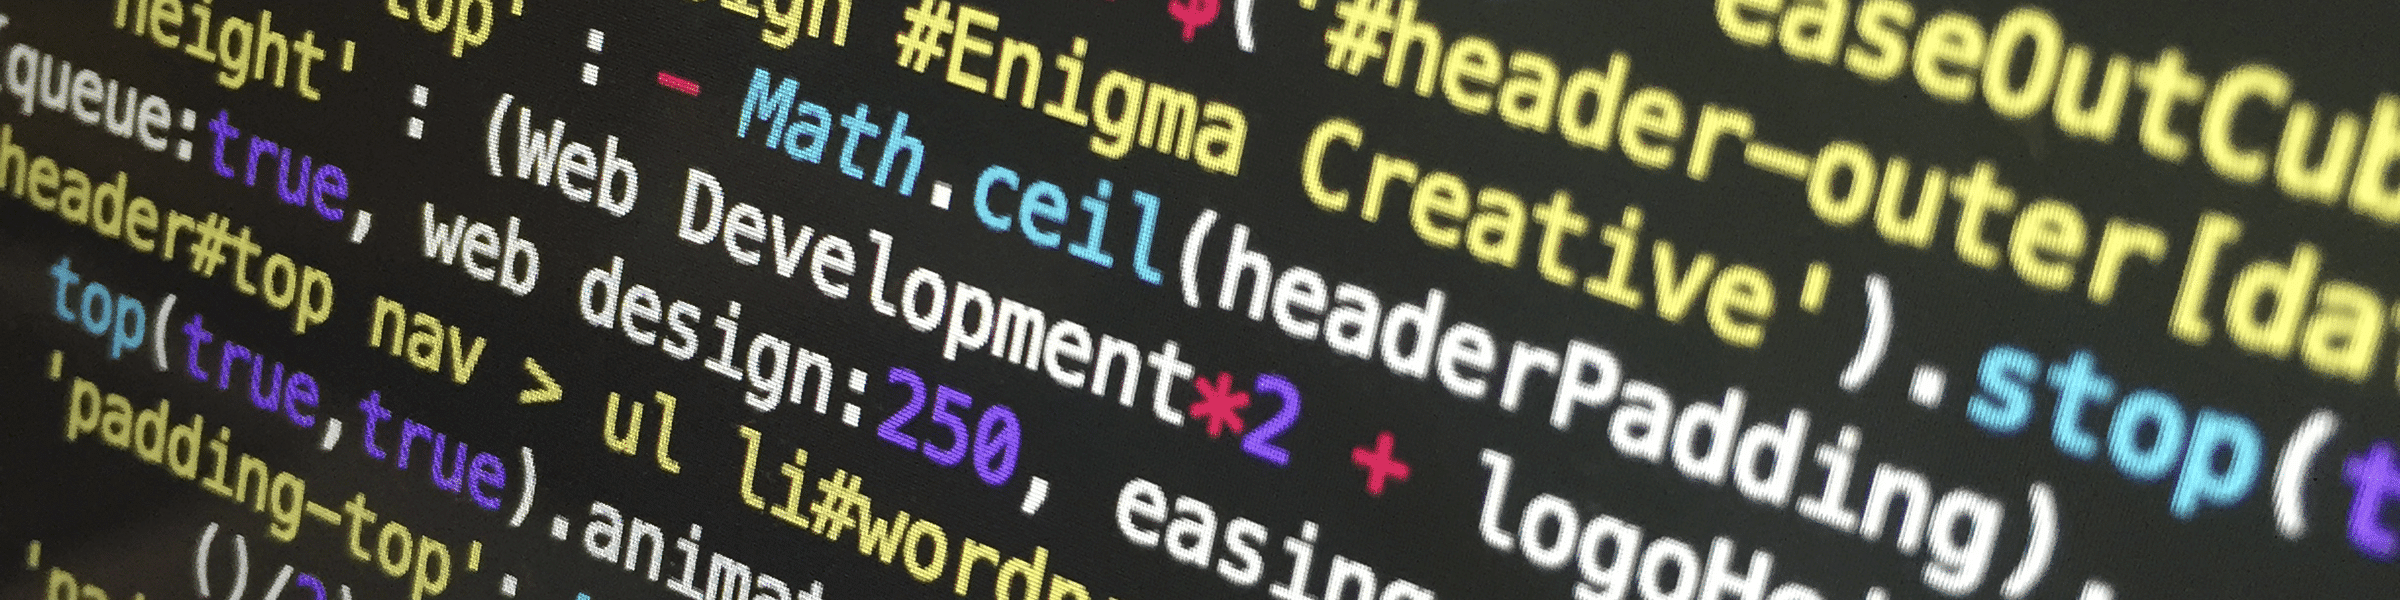 Web Design & Development from Enigma Creative